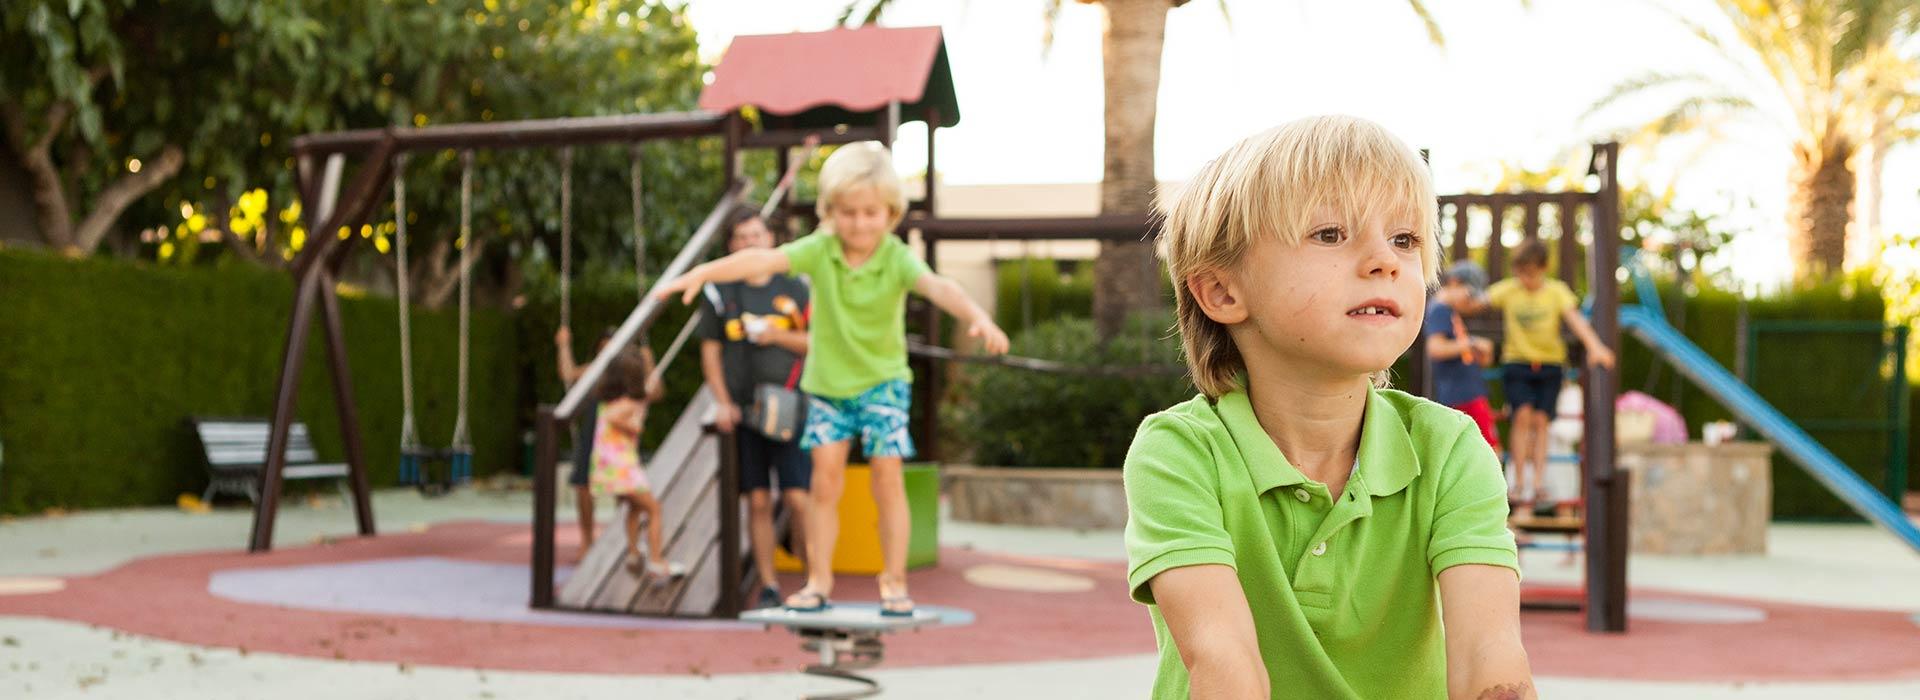 Parques Infantiles 2